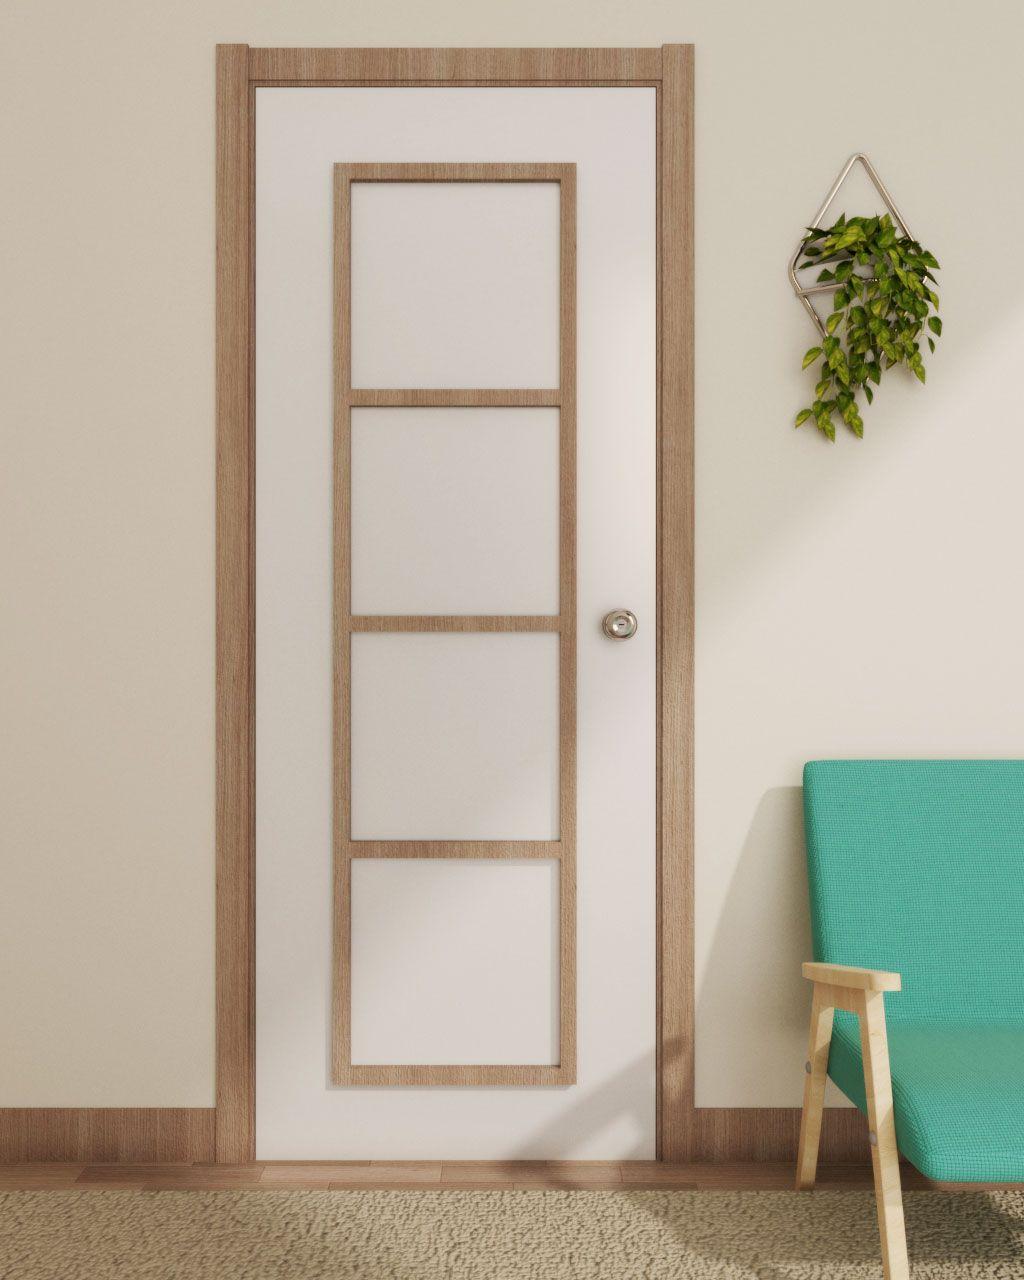 15 Creative Bedroom Door Ideas Cool Bedroom Door Decorations With Images Roomdsign Com In 2020 Creative Bedroom Bedroom Door Decorations Awesome Bedrooms